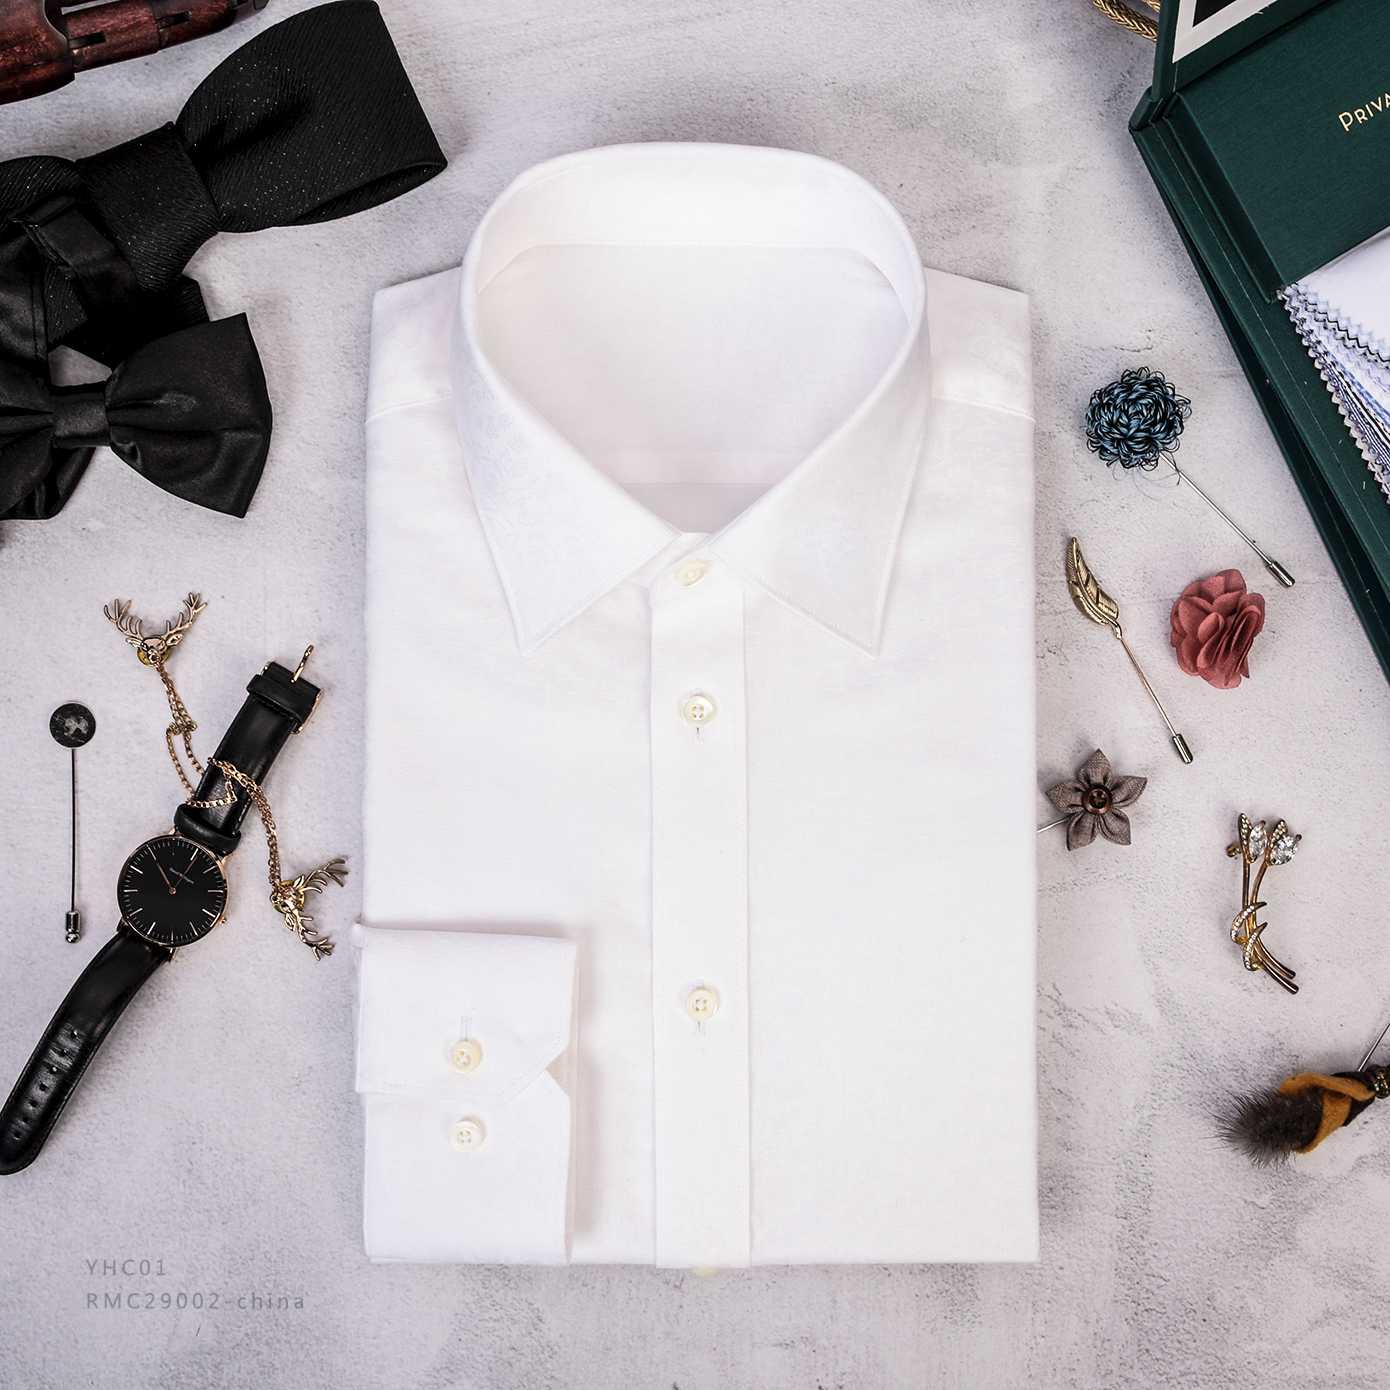 经典白衬衫